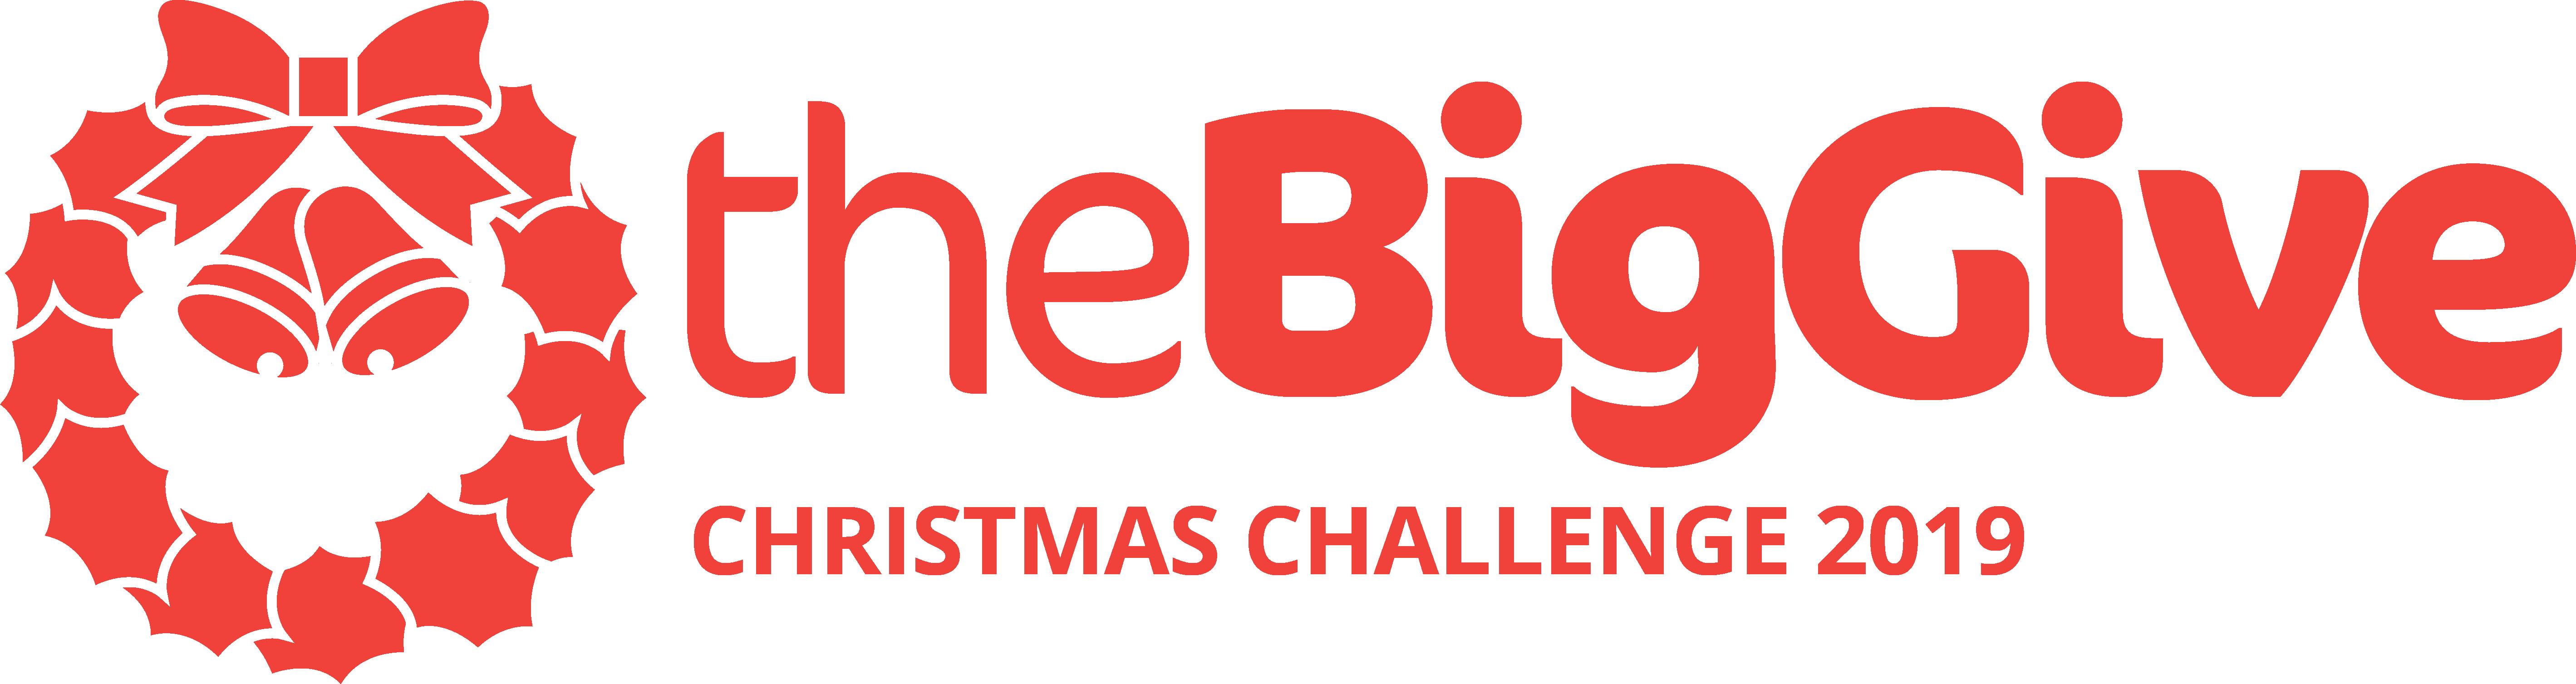 TBG Christmas Logo 2019 TBG Logo Horisonal Red Challenge